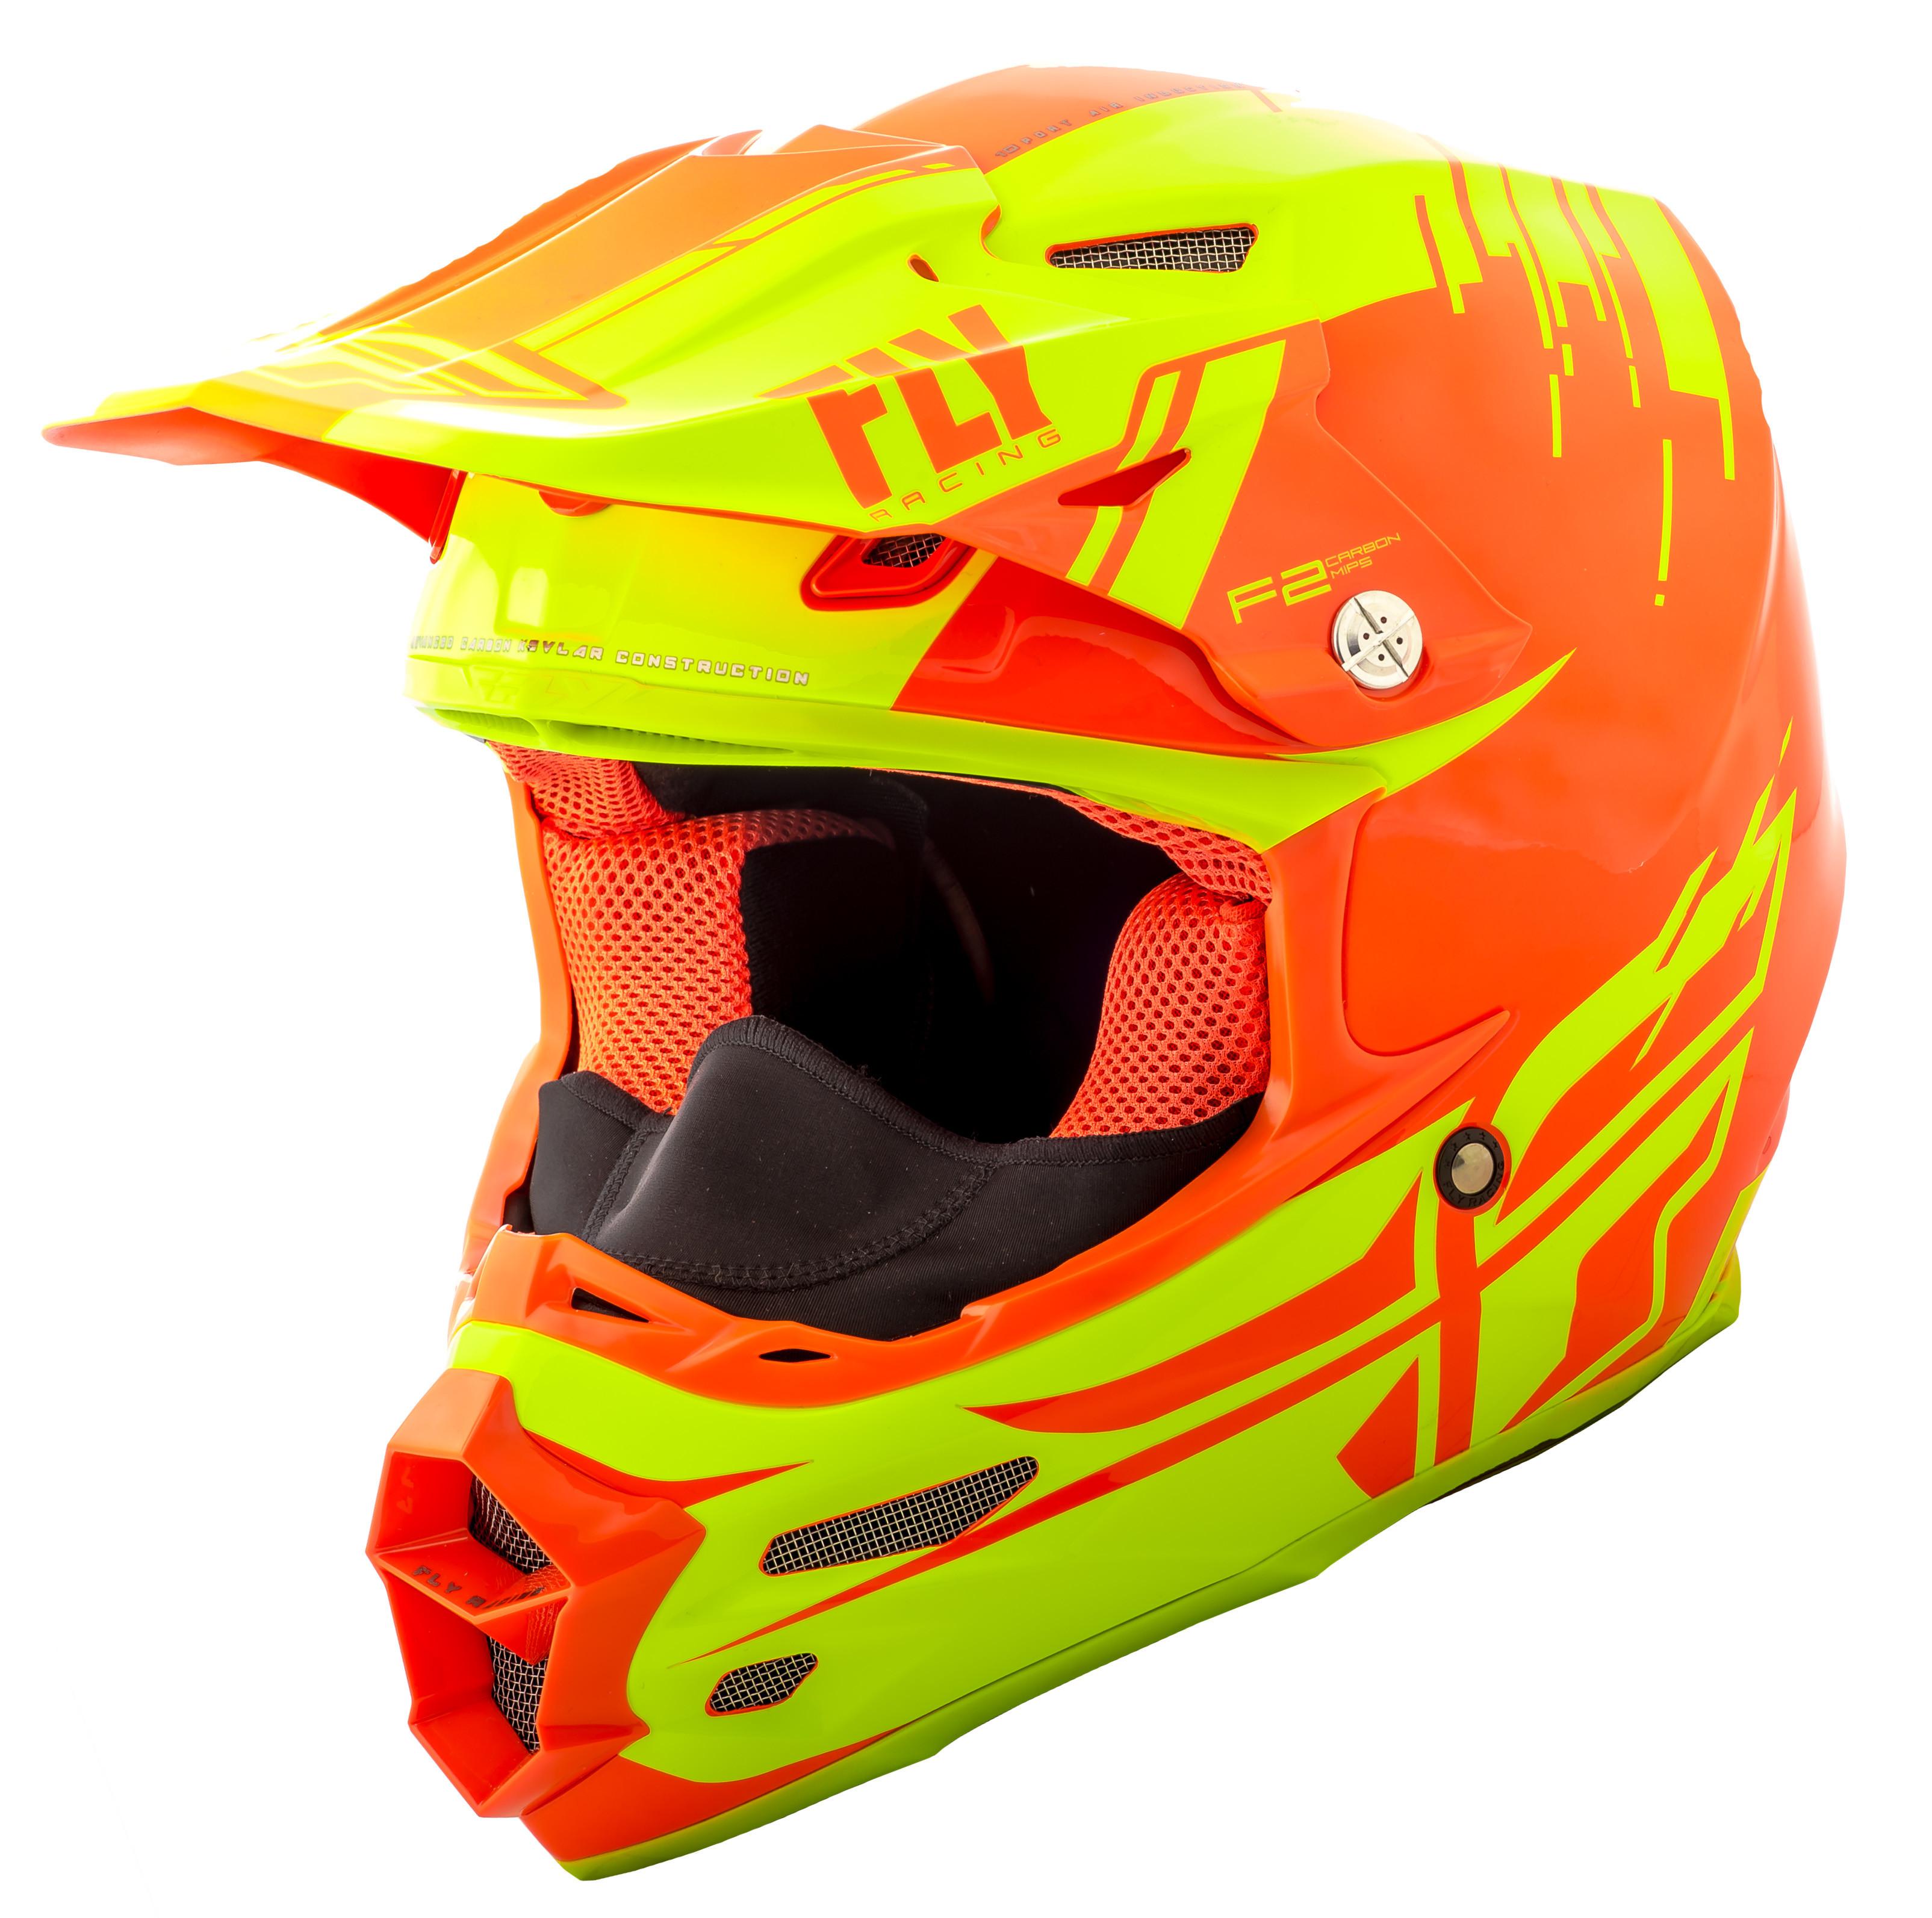 F2 Carbon Forge Cold Weather Helmet Hi-Vis/Orange 2X